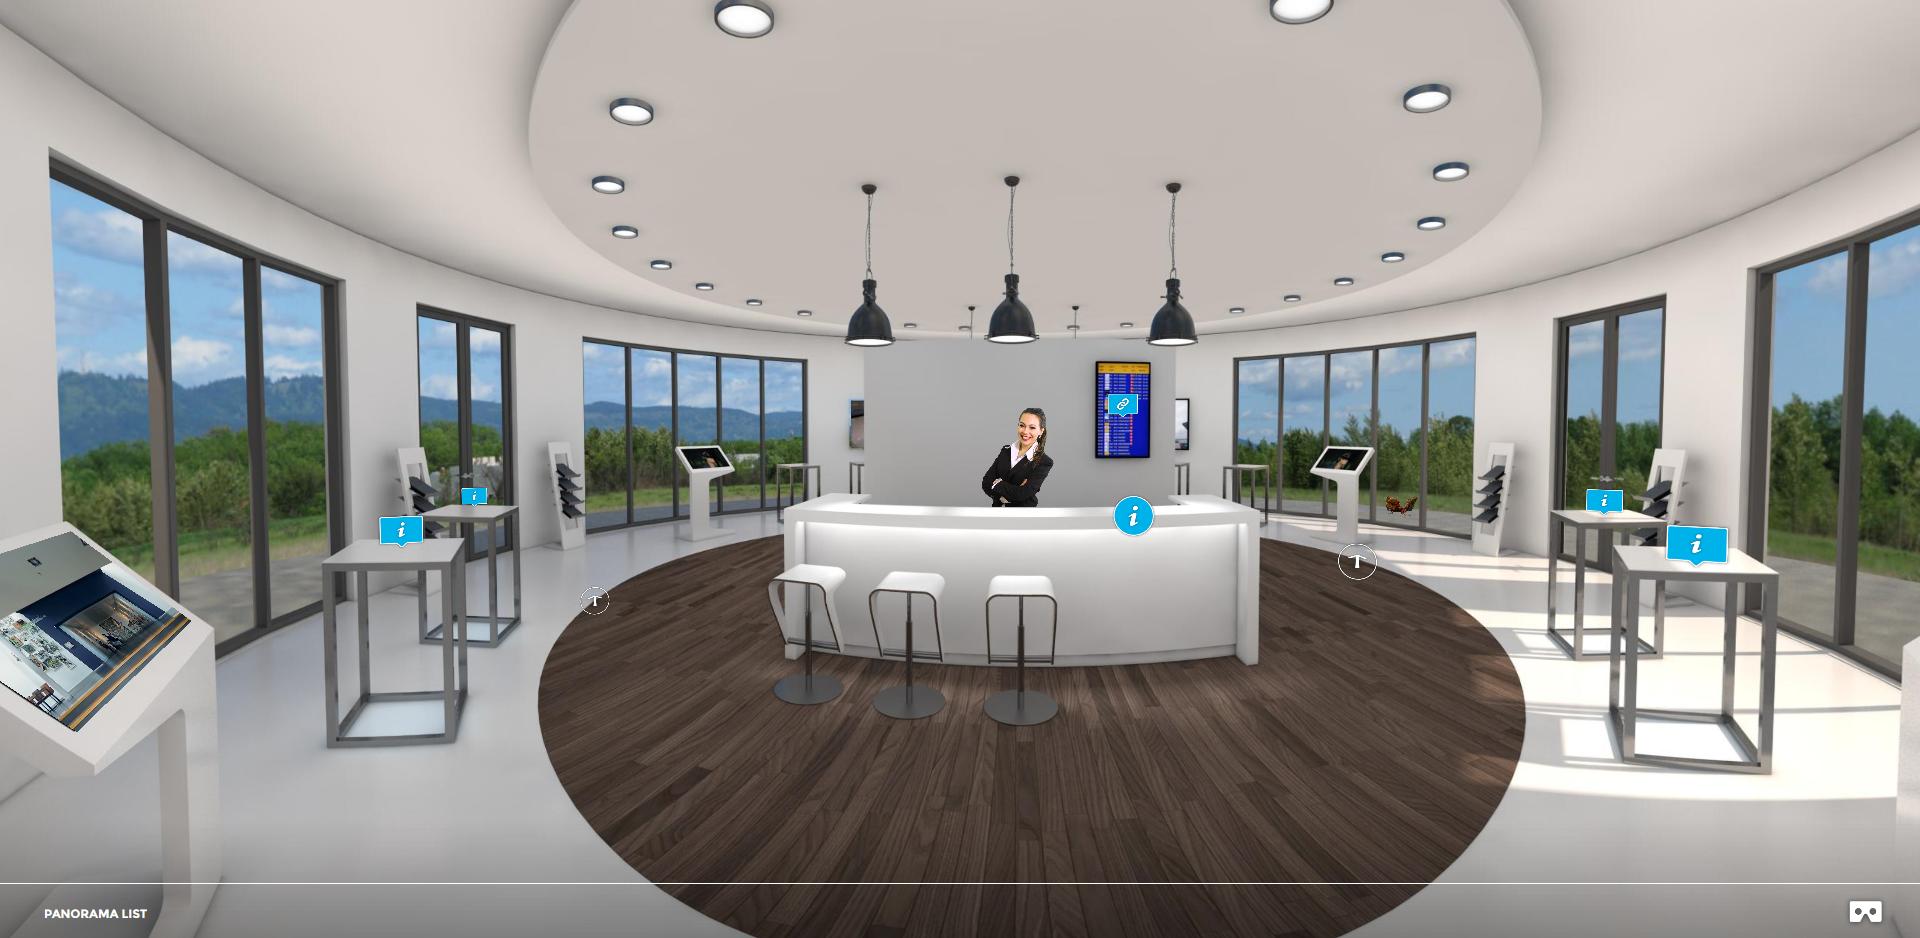 Virtuelle Messe Auftritt  Showroom atelier damböck